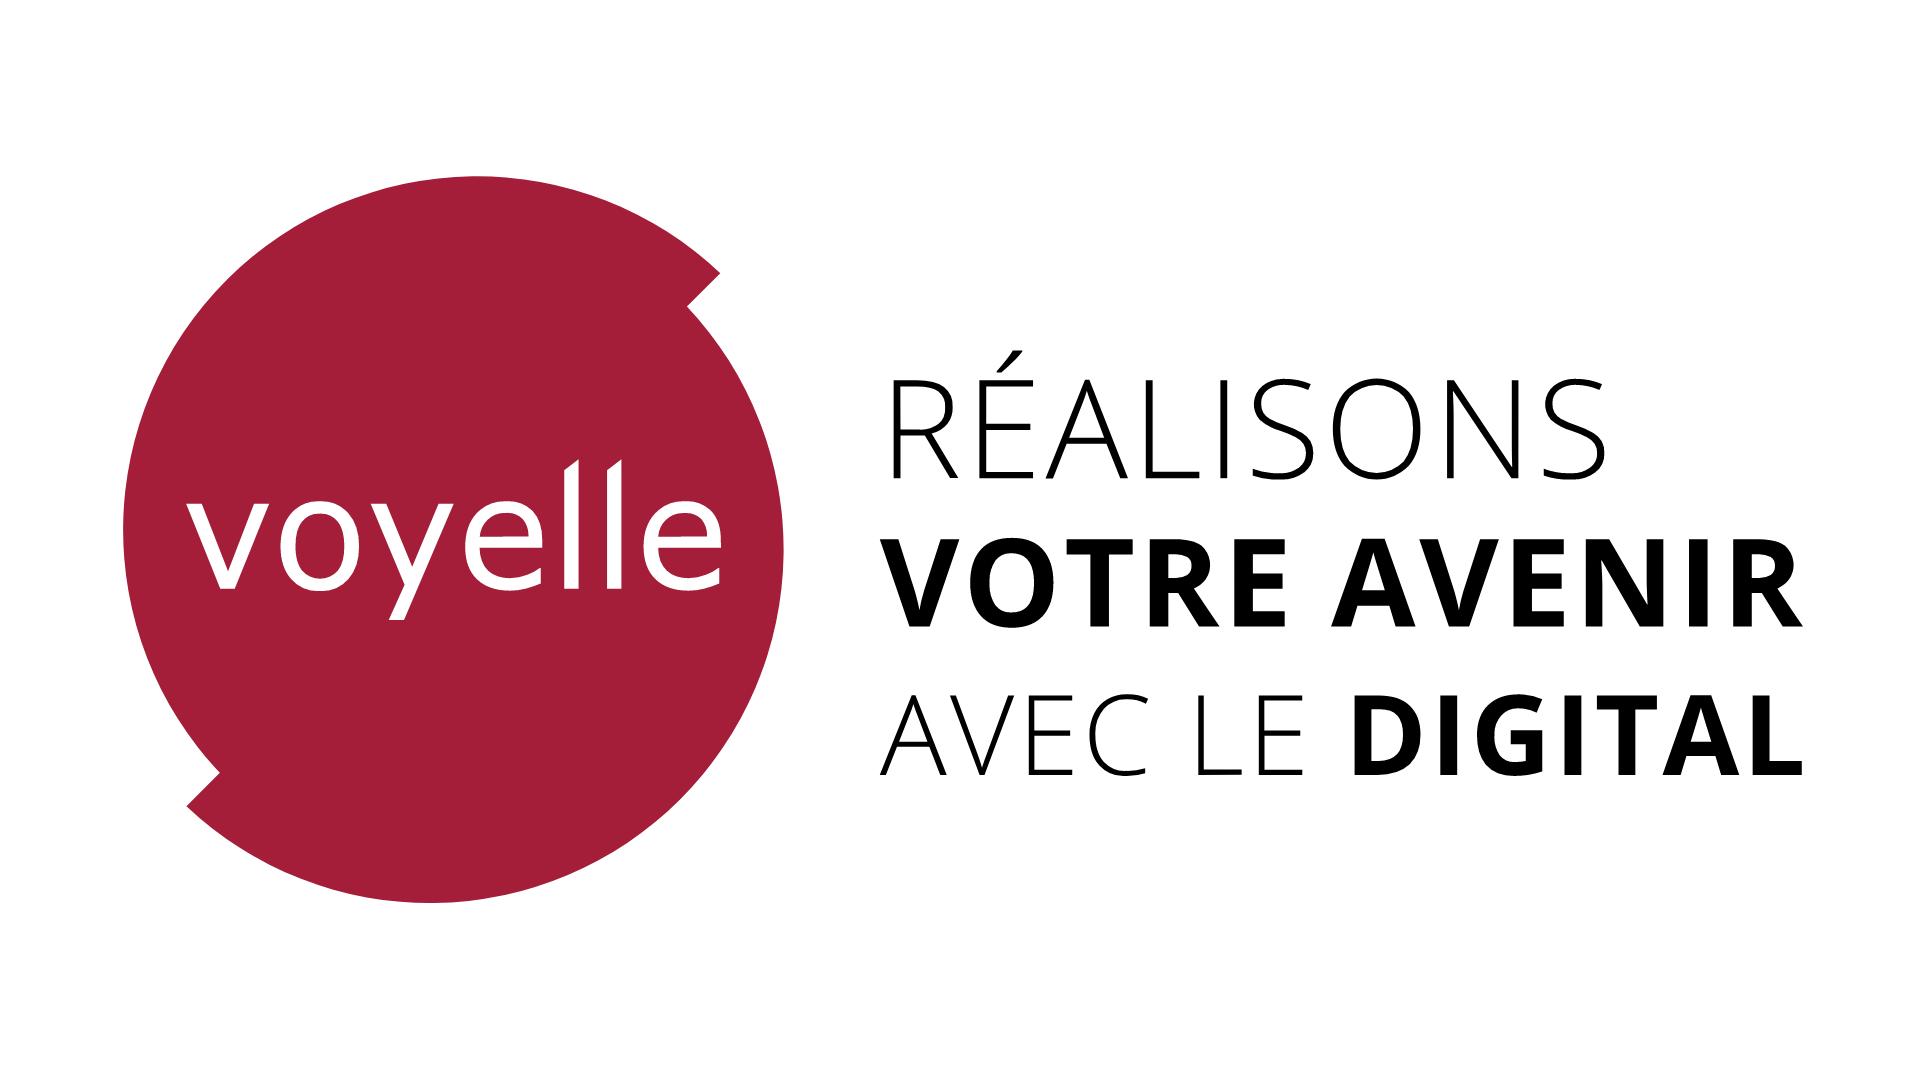 voyelle_logo_labellucie